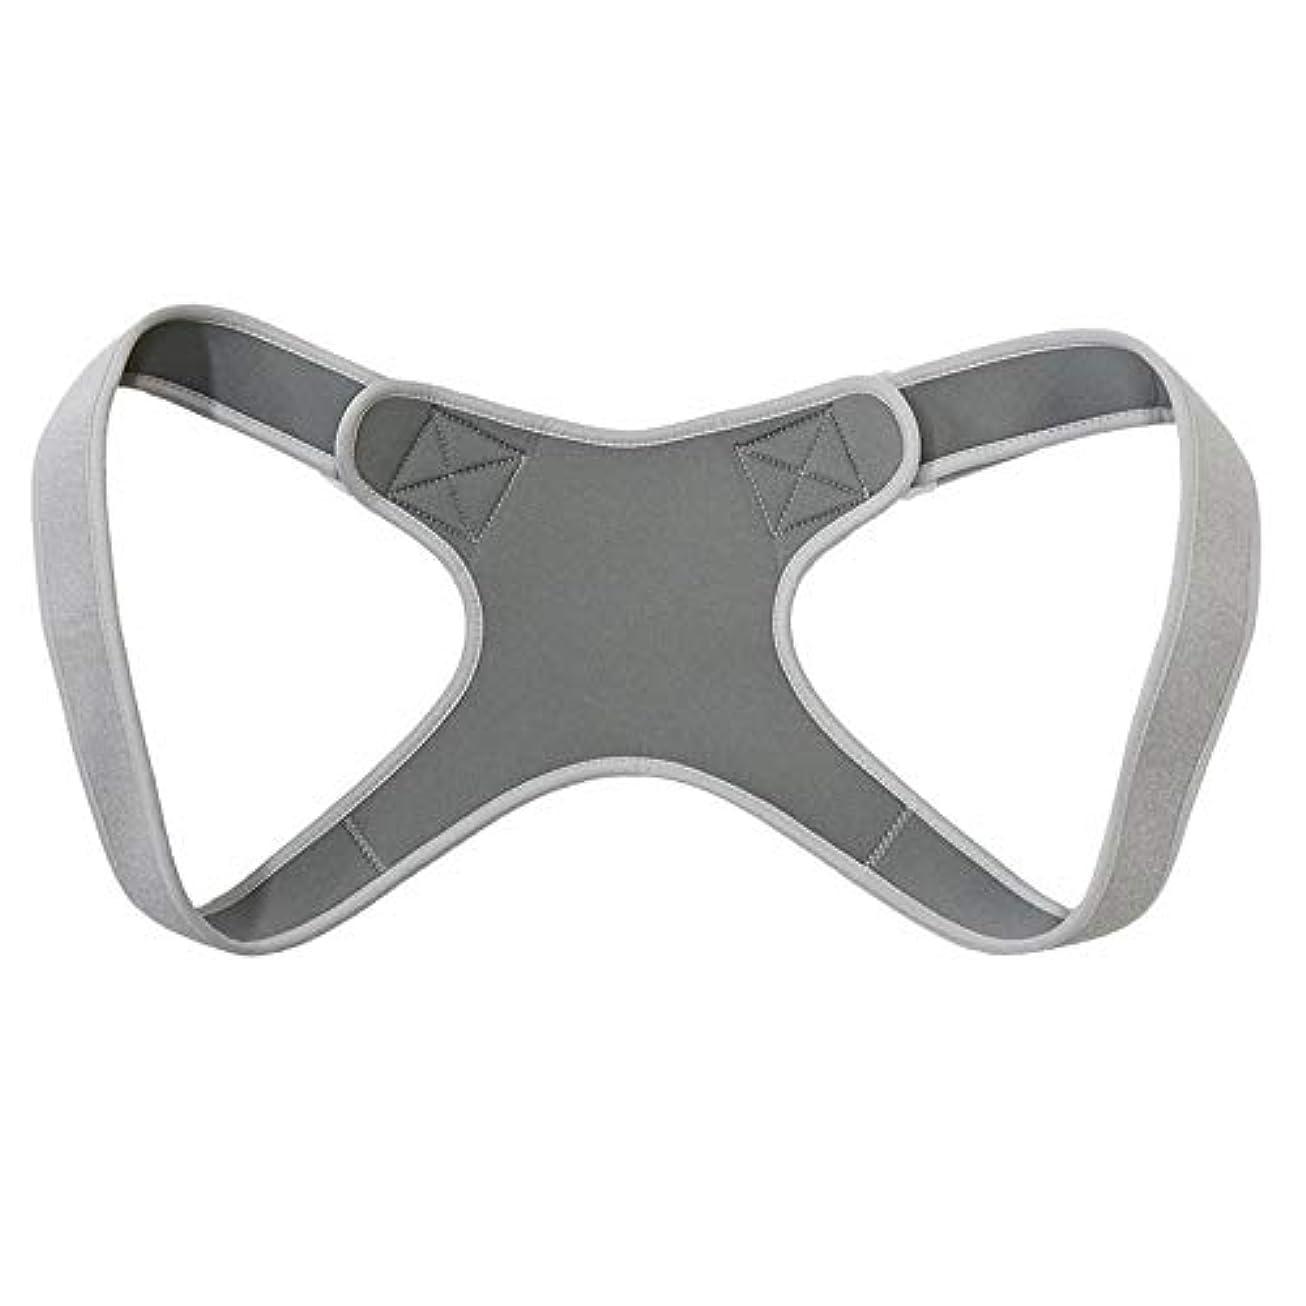 競争力のある放射性後世新しいアッパーバックポスチャーコレクター姿勢鎖骨サポートコレクターバックストレートショルダーブレースストラップコレクター - グレー